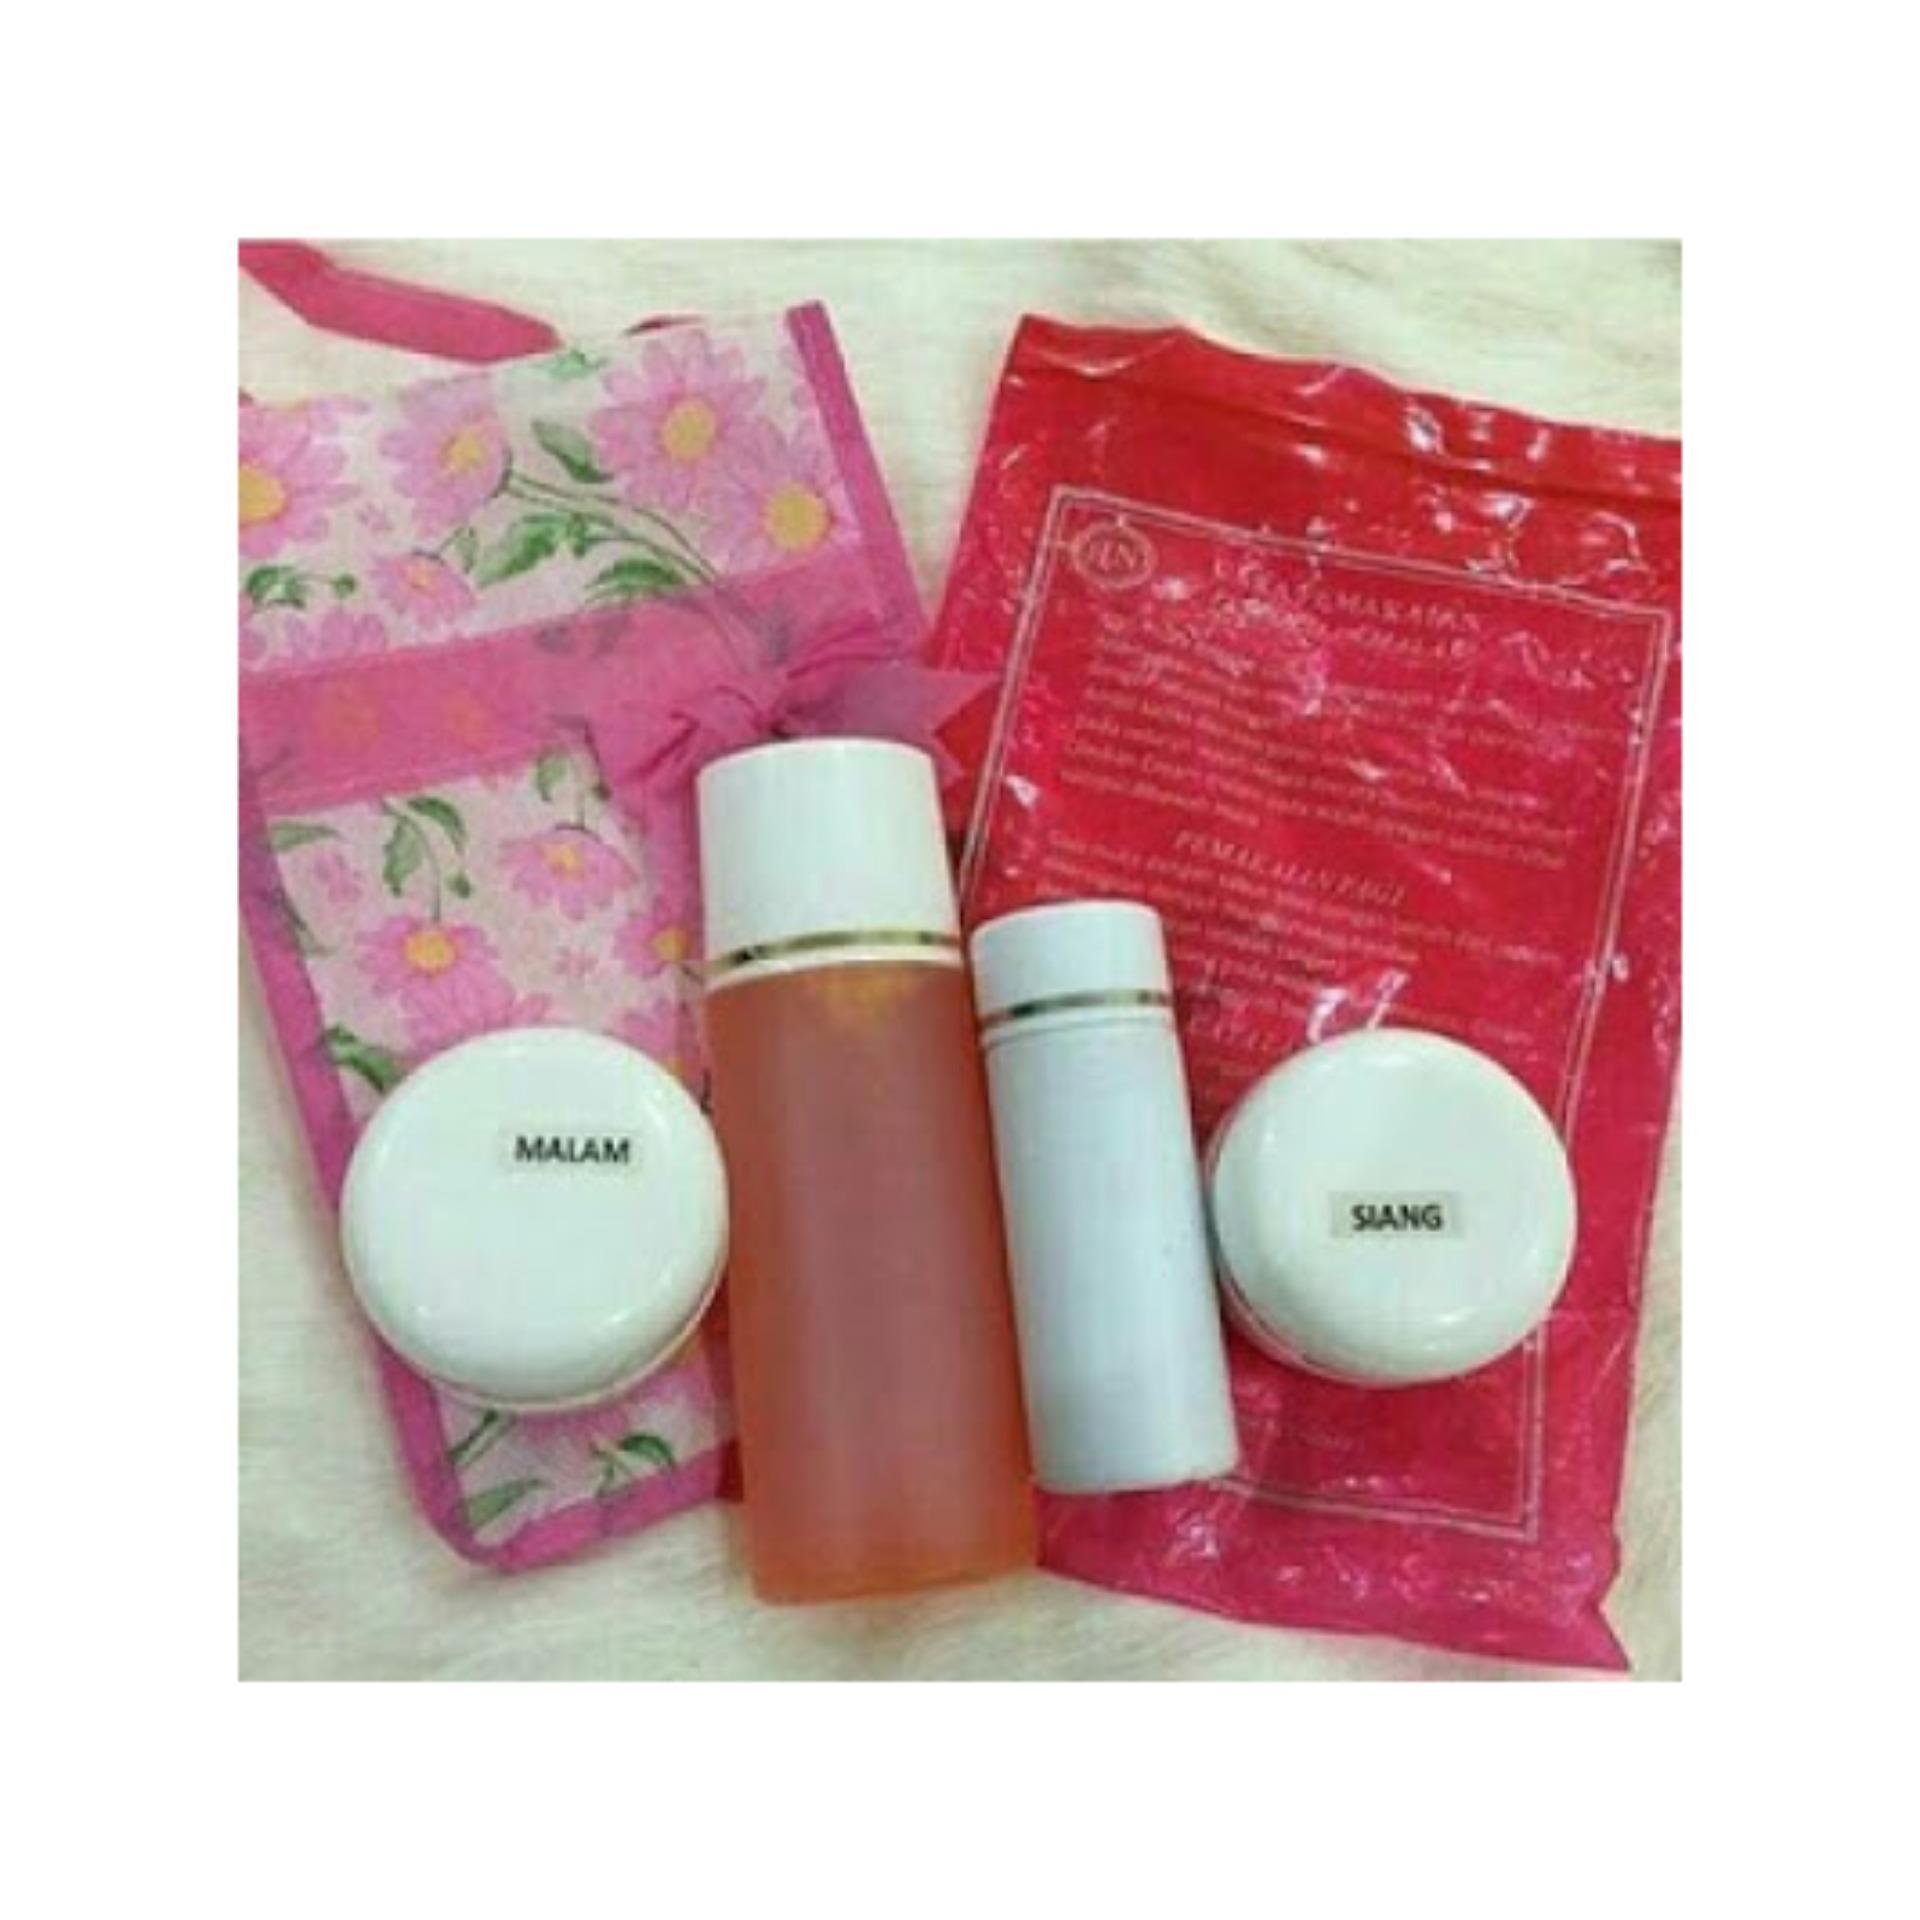 Harga Best Seller Paket Hn 30 Gr Cream Sabun Toner Termahal